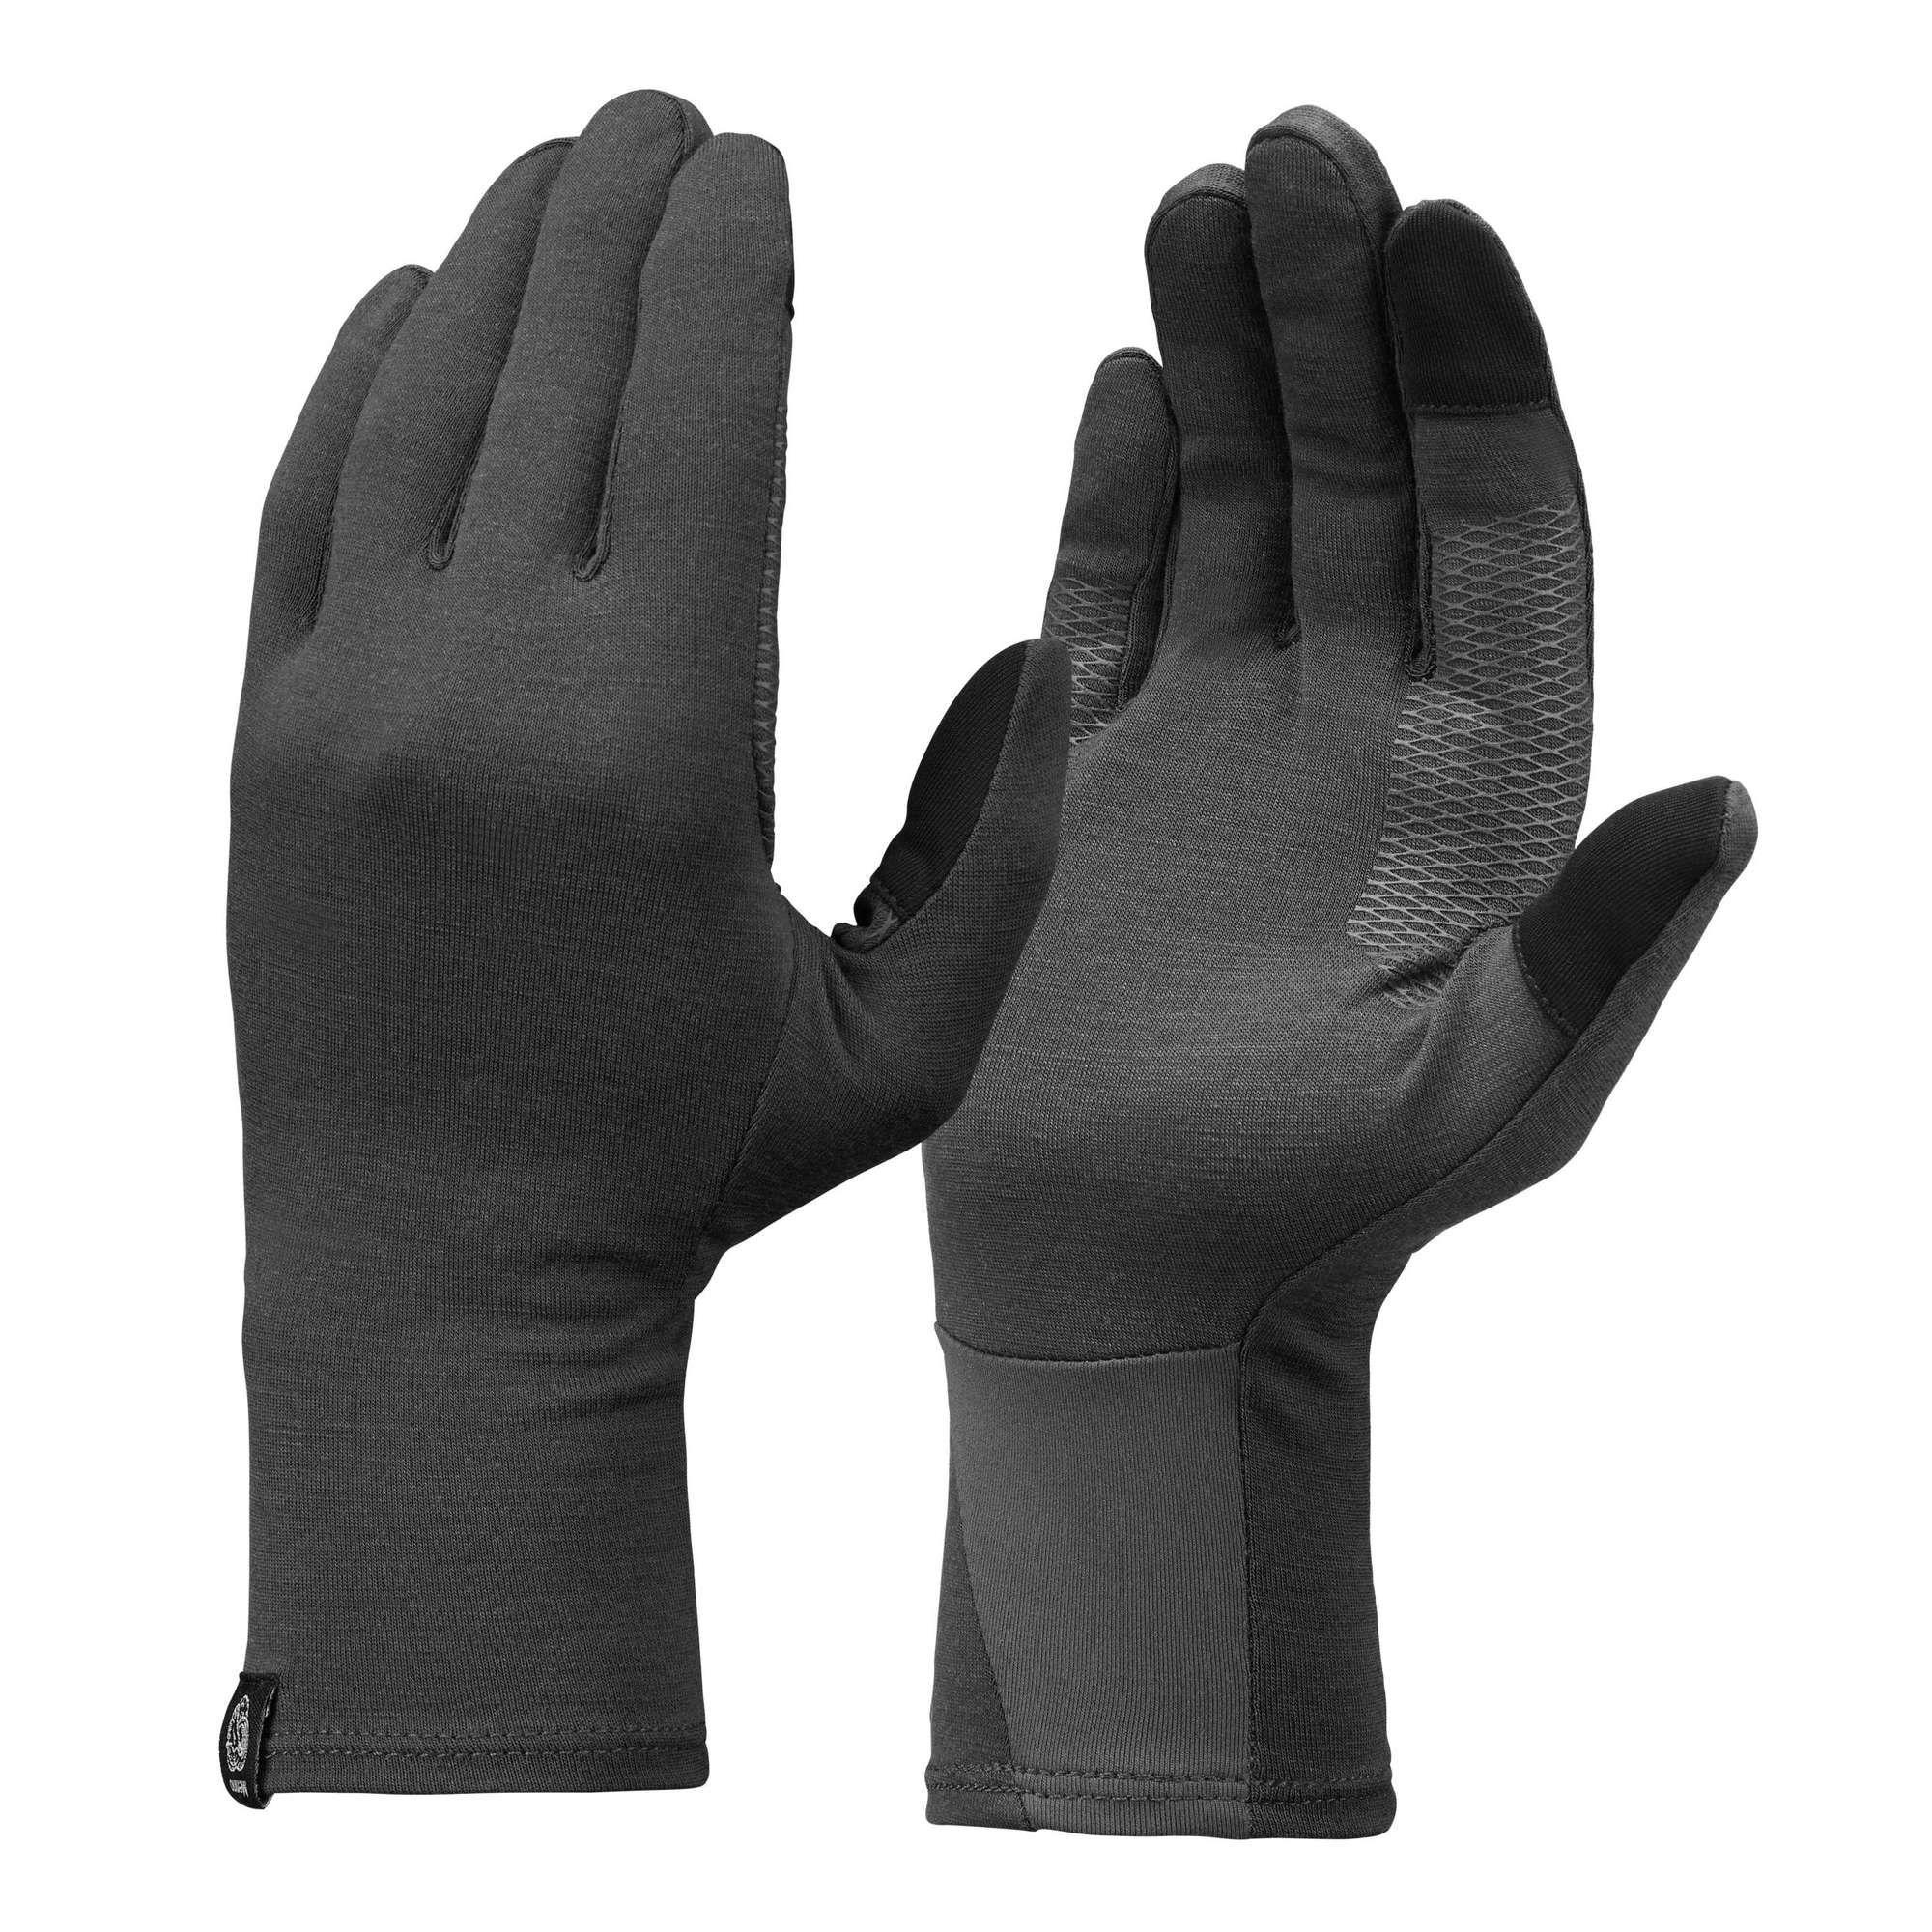 Rekawice Wewnetrzne Trek 500 Forclaz Rekawiczki Turystyczne Turystyka Trekking Decathlon Gloves Trekking Glove Liners